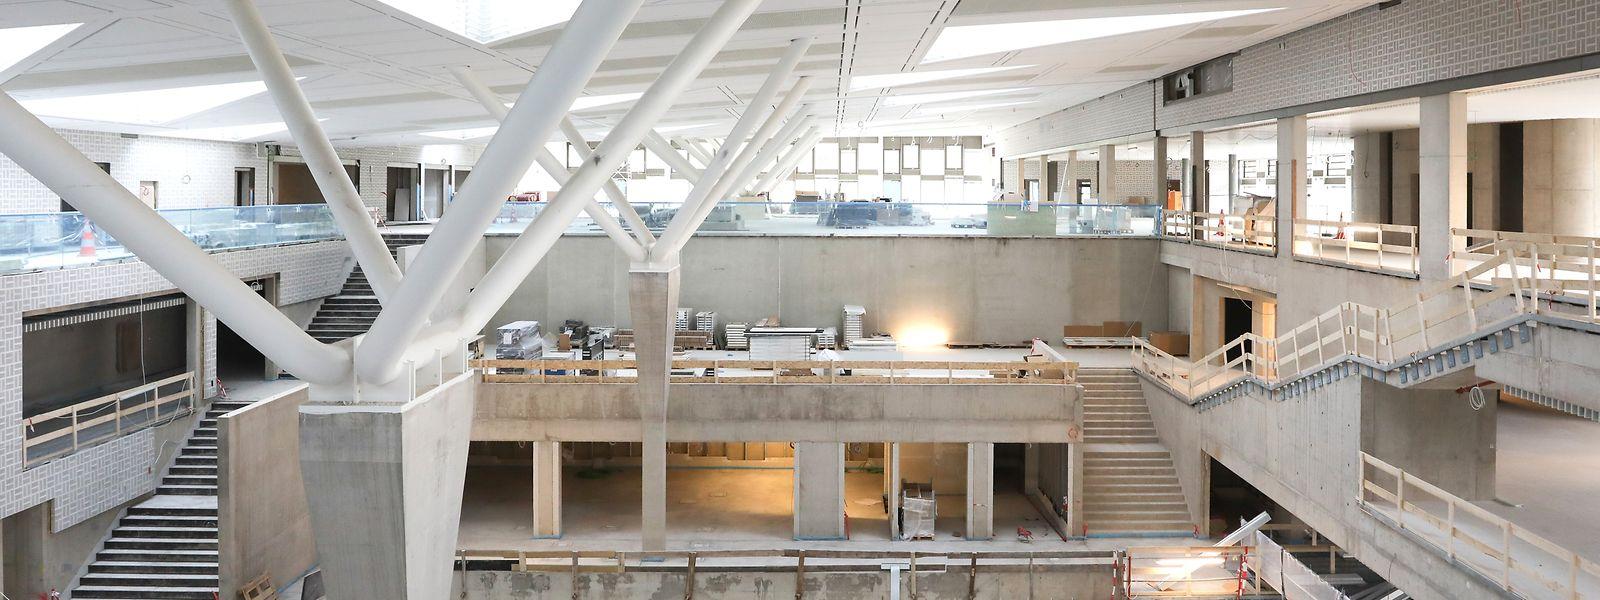 Im Inneren des Neubaus: Tageslicht darf ruhig einfallen. Die Lichtplanung ist so genau, dass die Bestände nicht gefährdet werden.